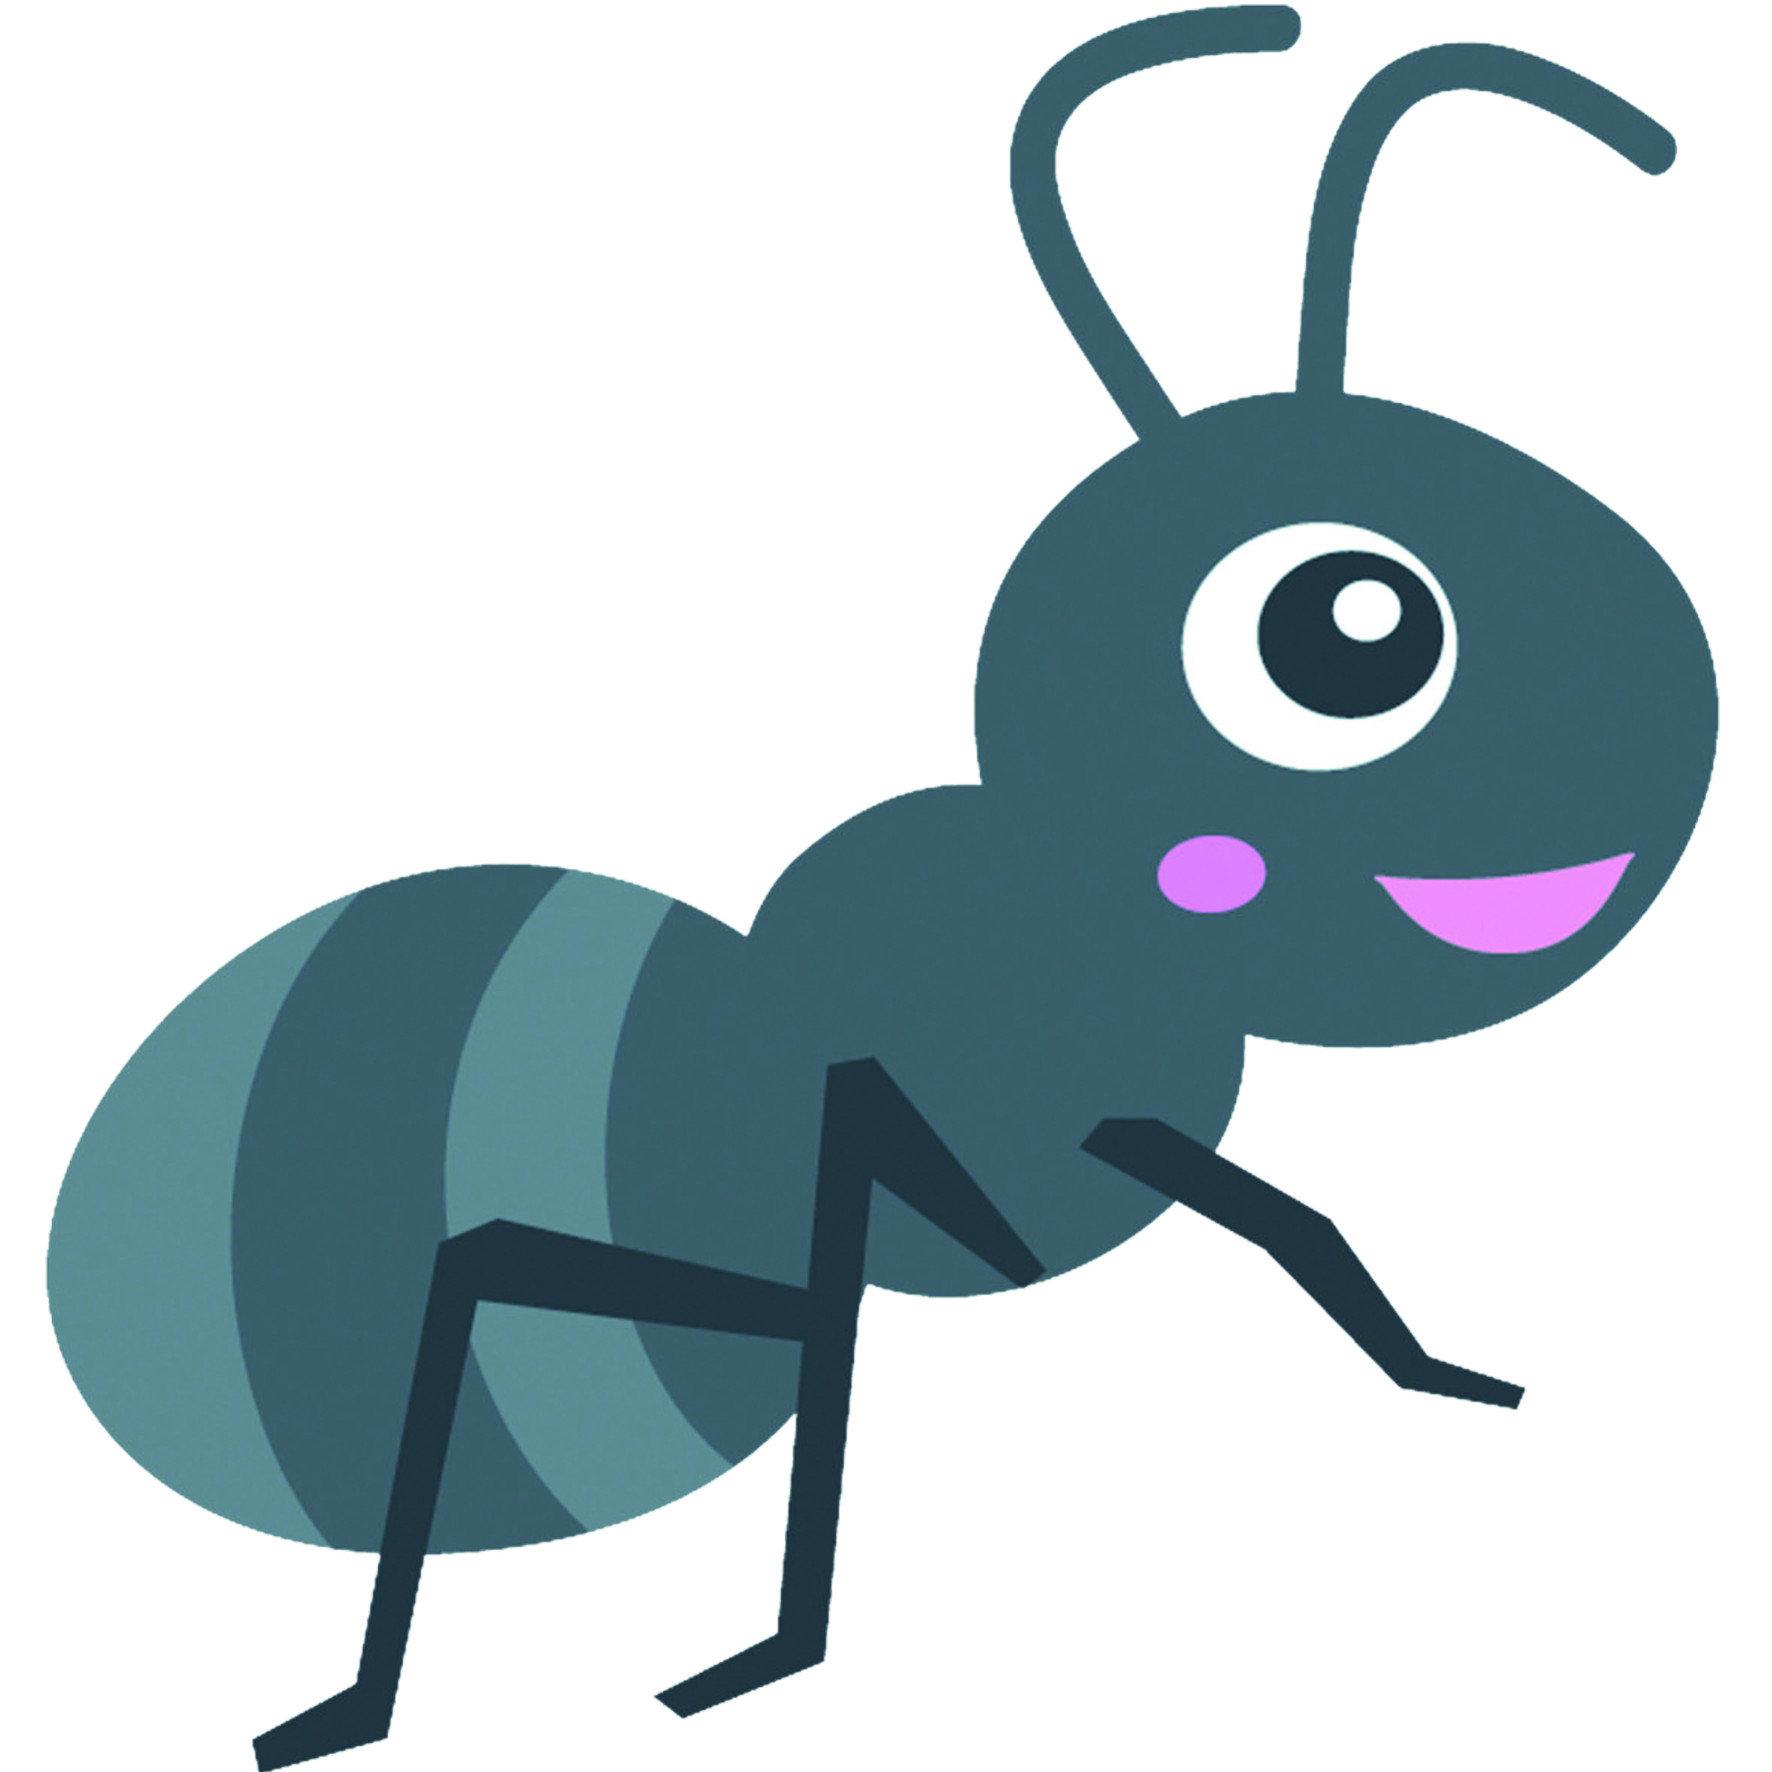 一般來說,介殼蟲並不太移動身軀,往往是咬定一處之後就不動了,看上去就像枝葉黏了一堆東西。而將介殼蟲帶往各處的,除了風吹動受感染的枝葉外,更多時候是經由「螞蟻」的協助。